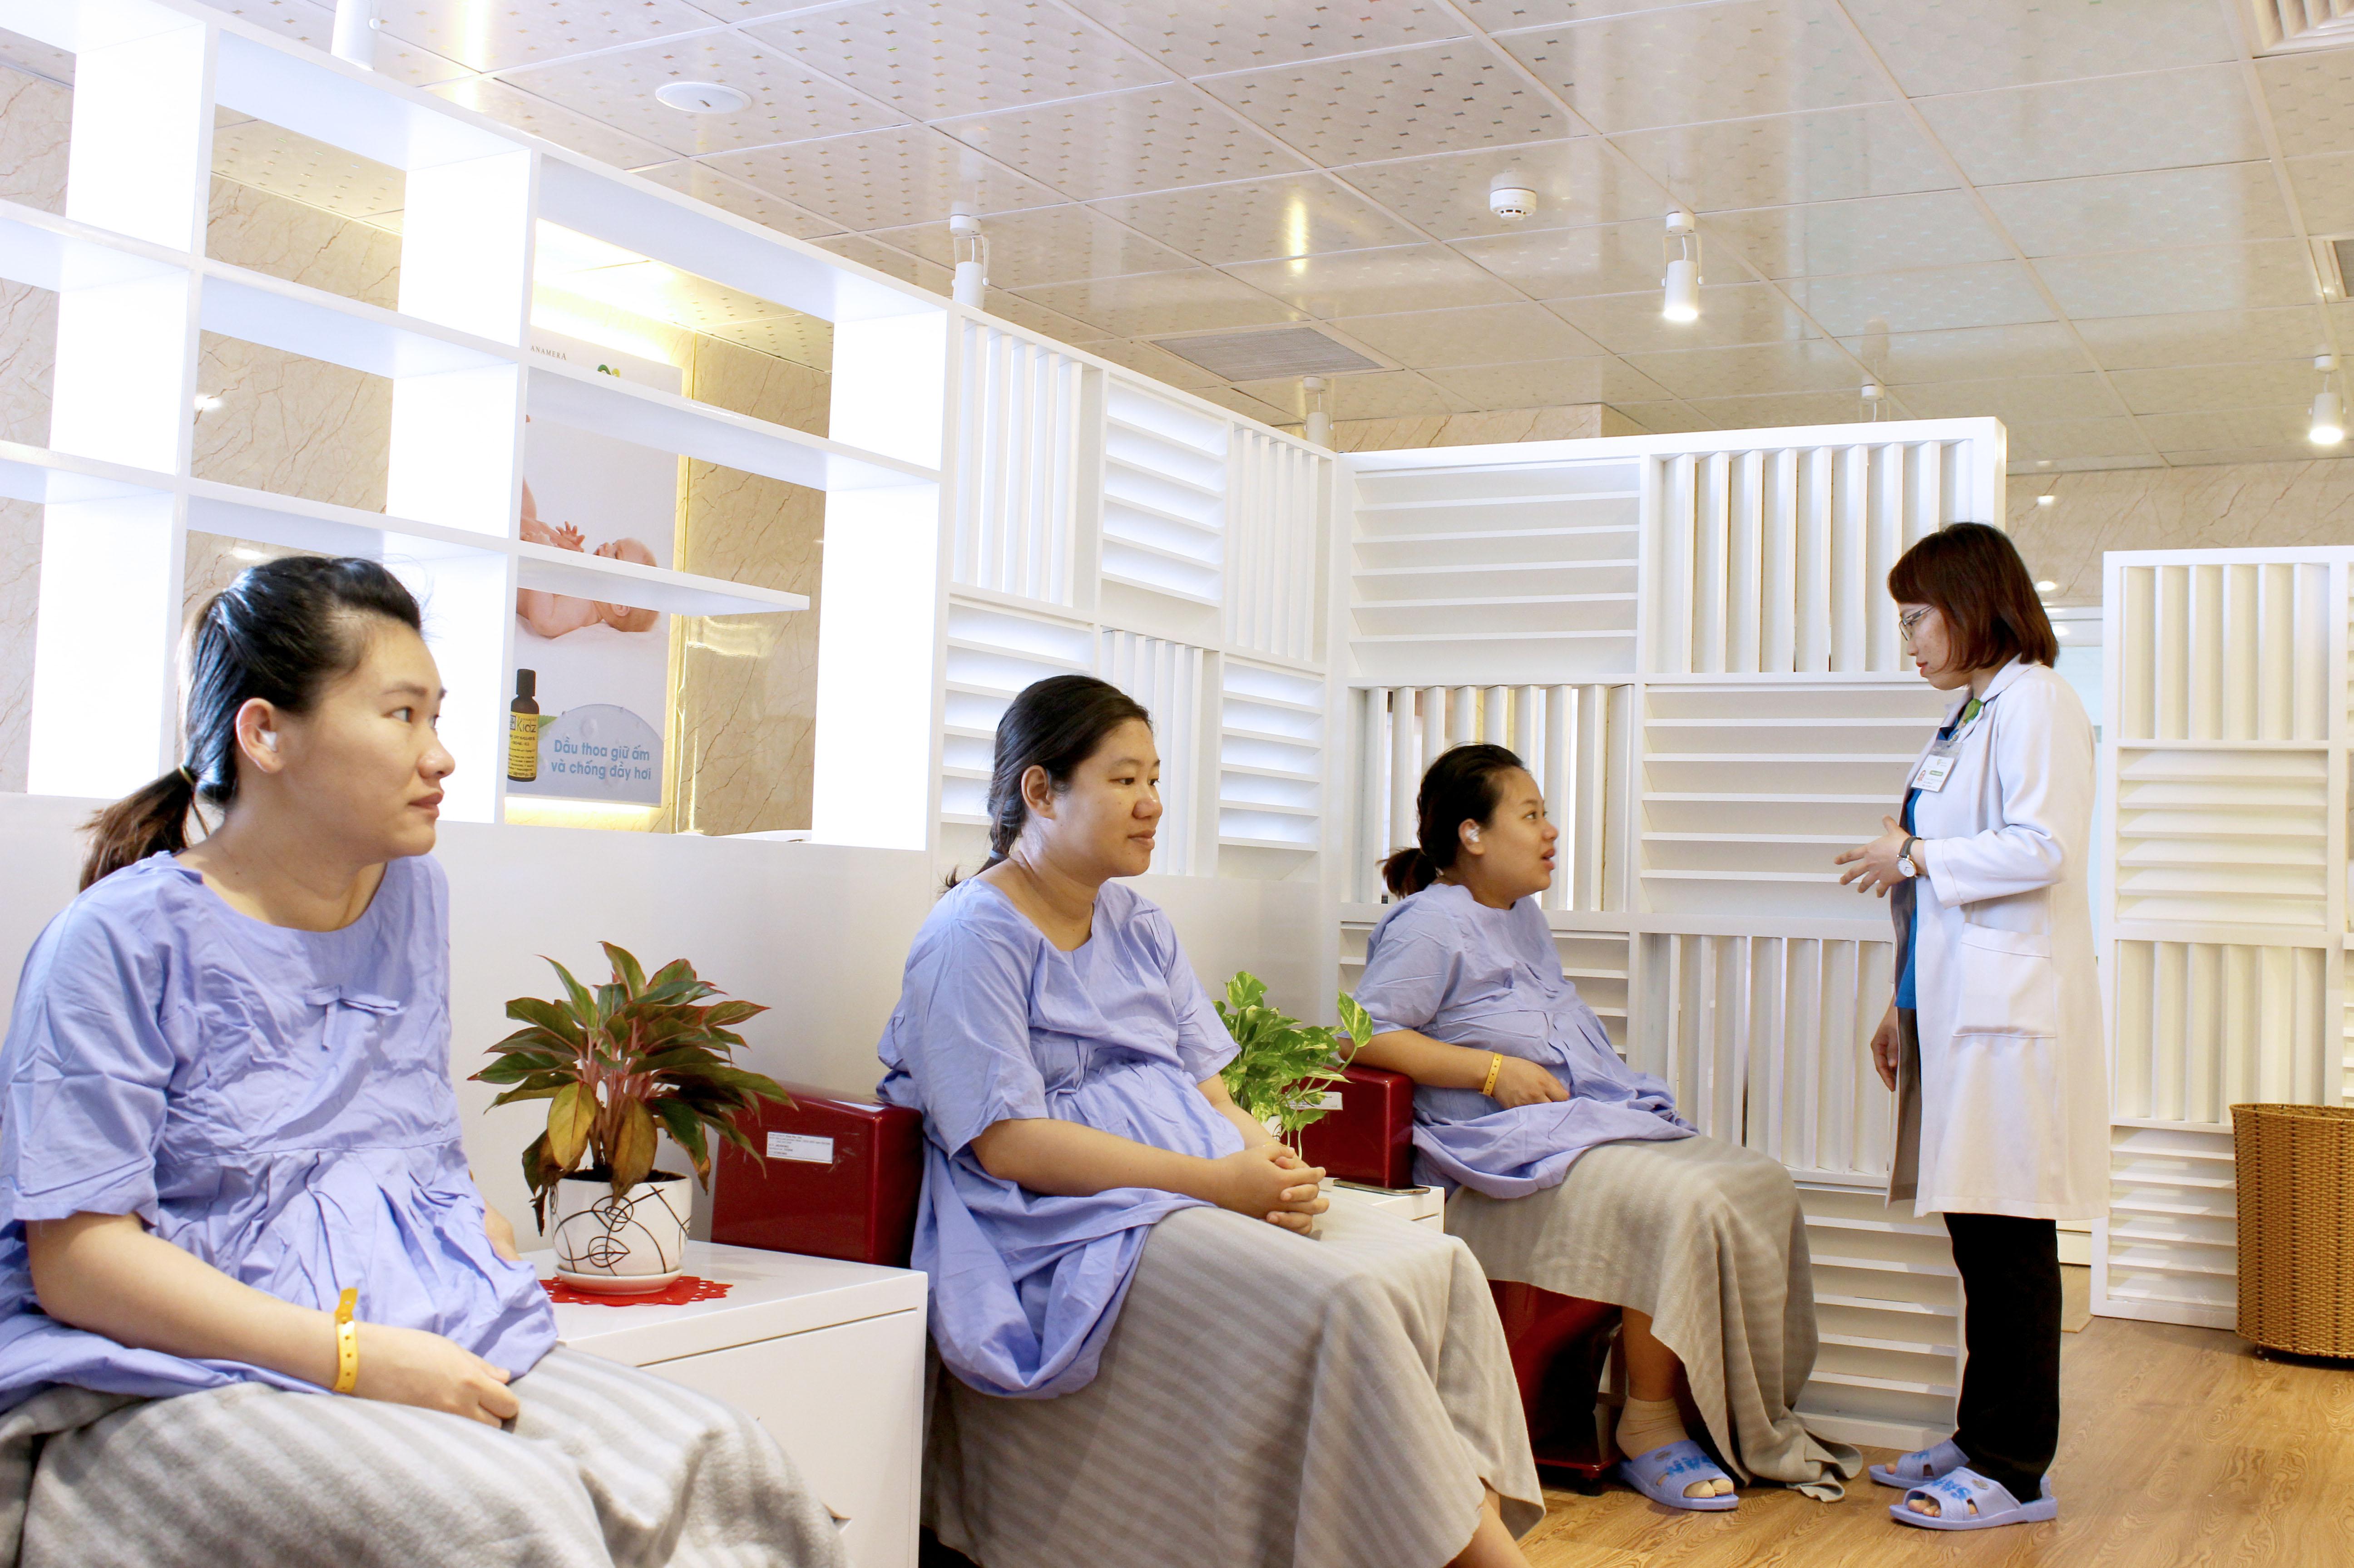 Bệnh Viện Thiện Hạnh đưa Vào Hoạt động Phòng Hồi Phục Sàn Chậu Sau Sinh